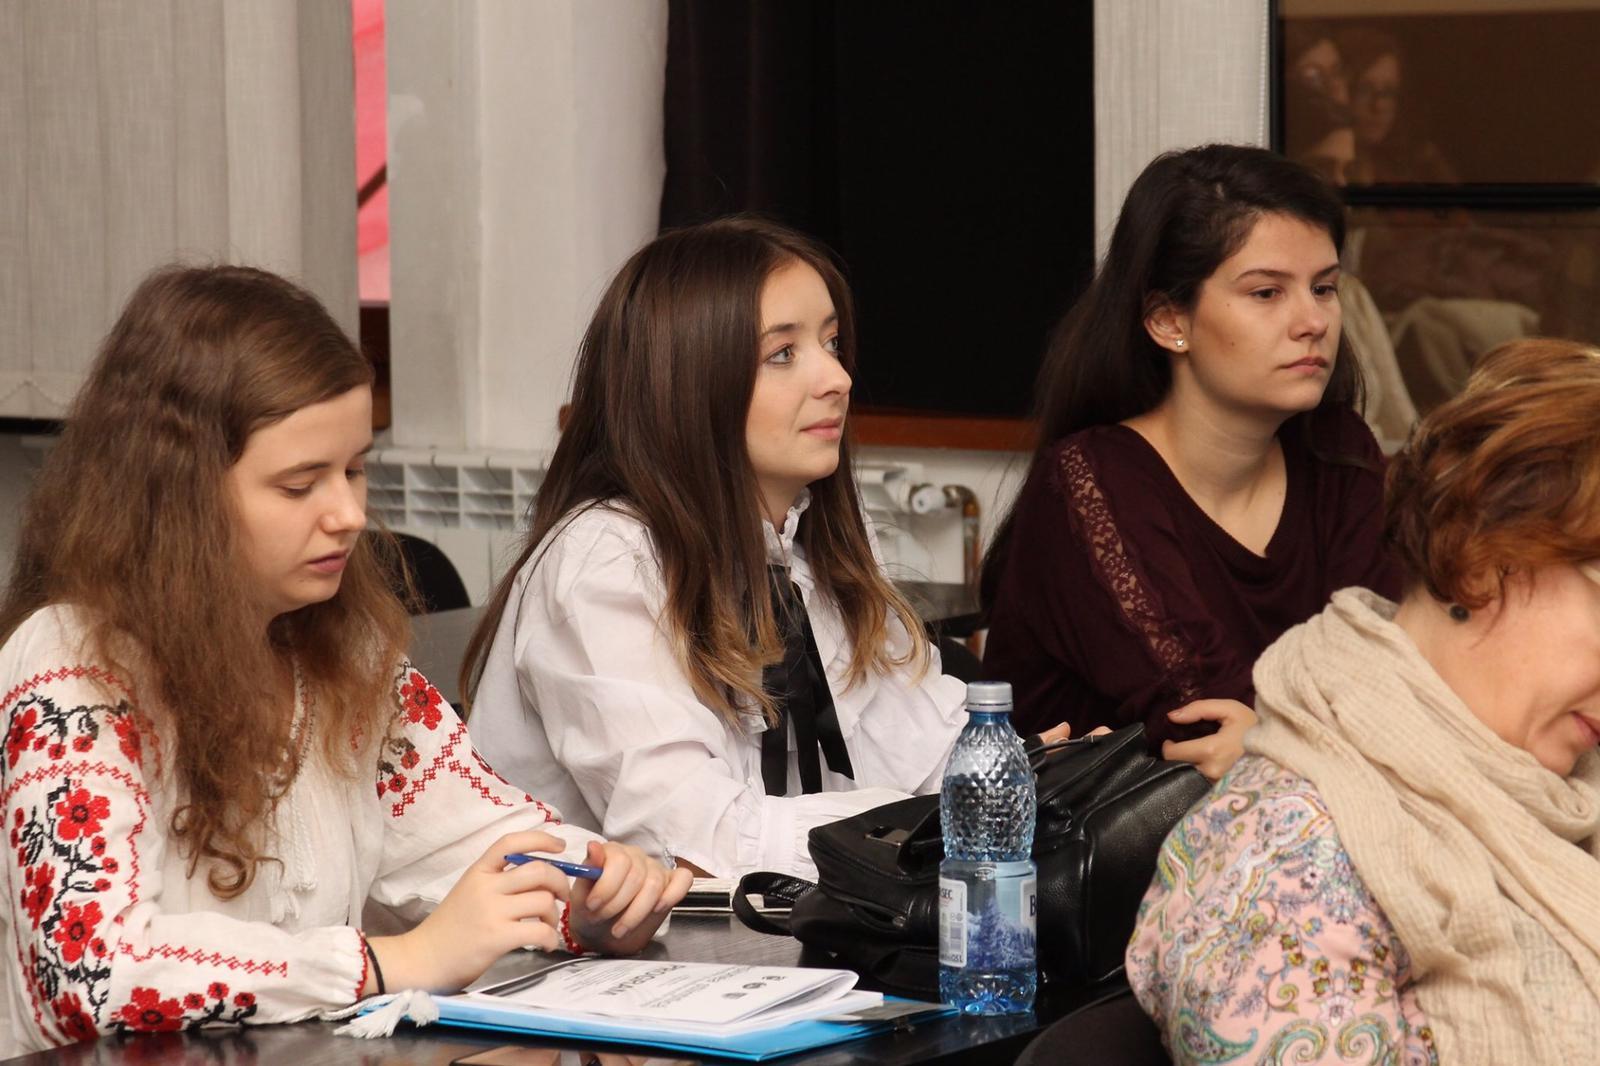 Studenți ai Facultății de Științe și Litere, la Sesiunea științifică studențească de la Alba Iulia